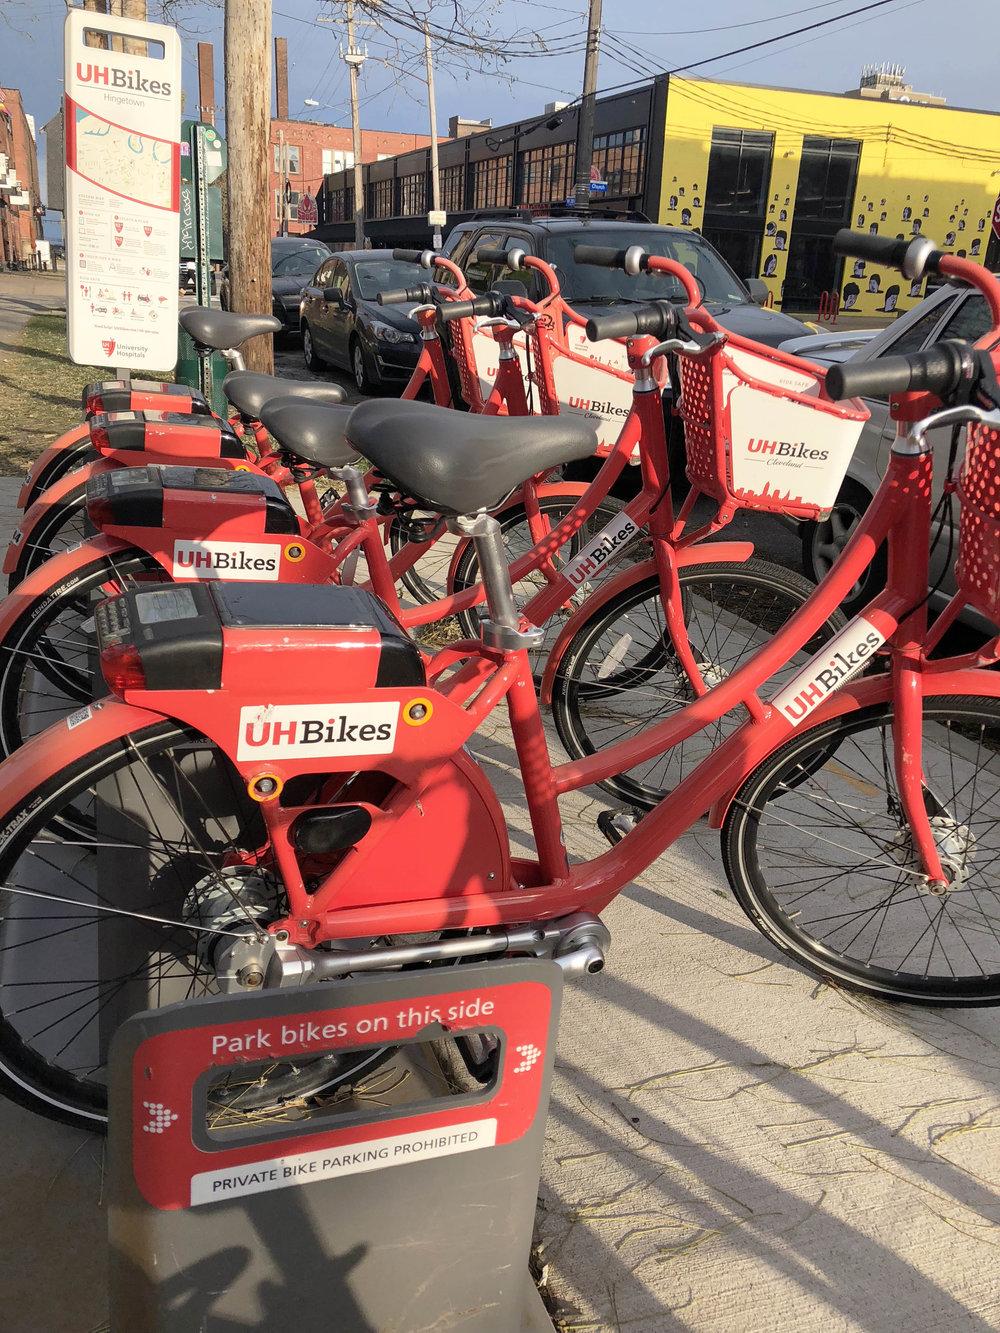 UH Bikes bikeshare program